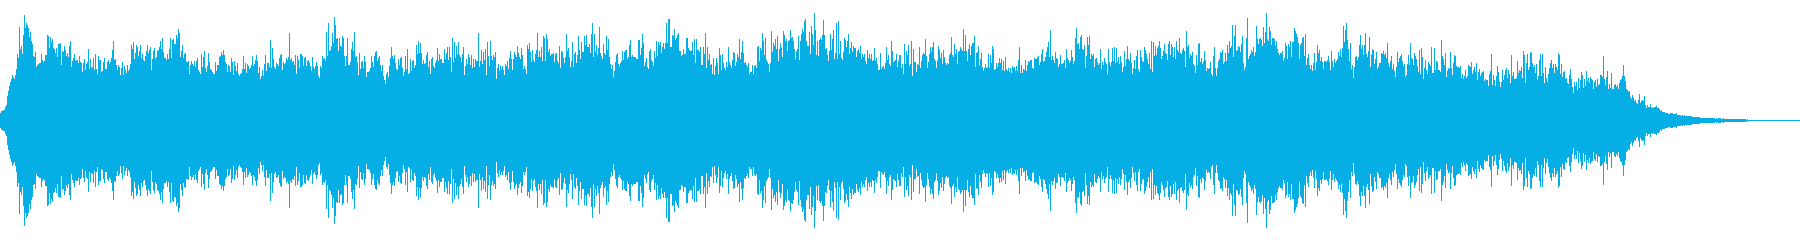 宇宙船の通信室の効果音の再生済みの波形